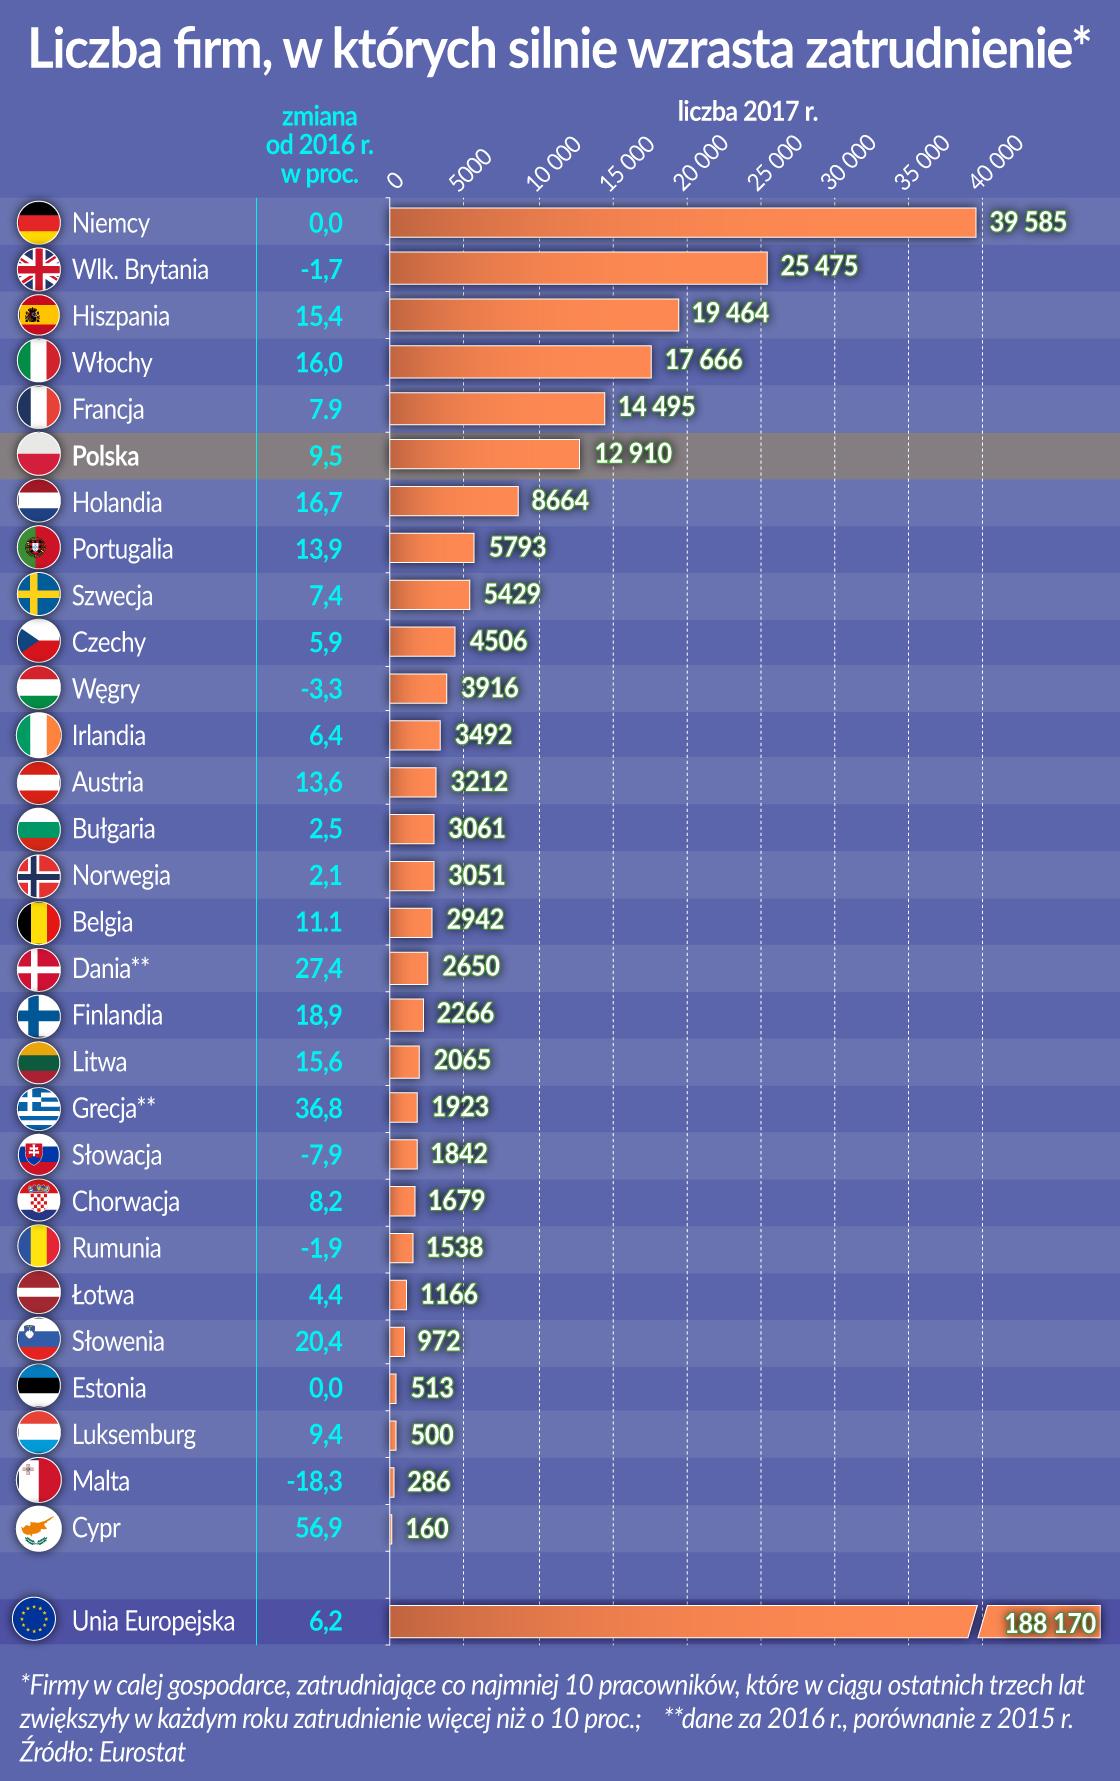 Liczba firm w ktorych silnie wzrasta zatrudnienie